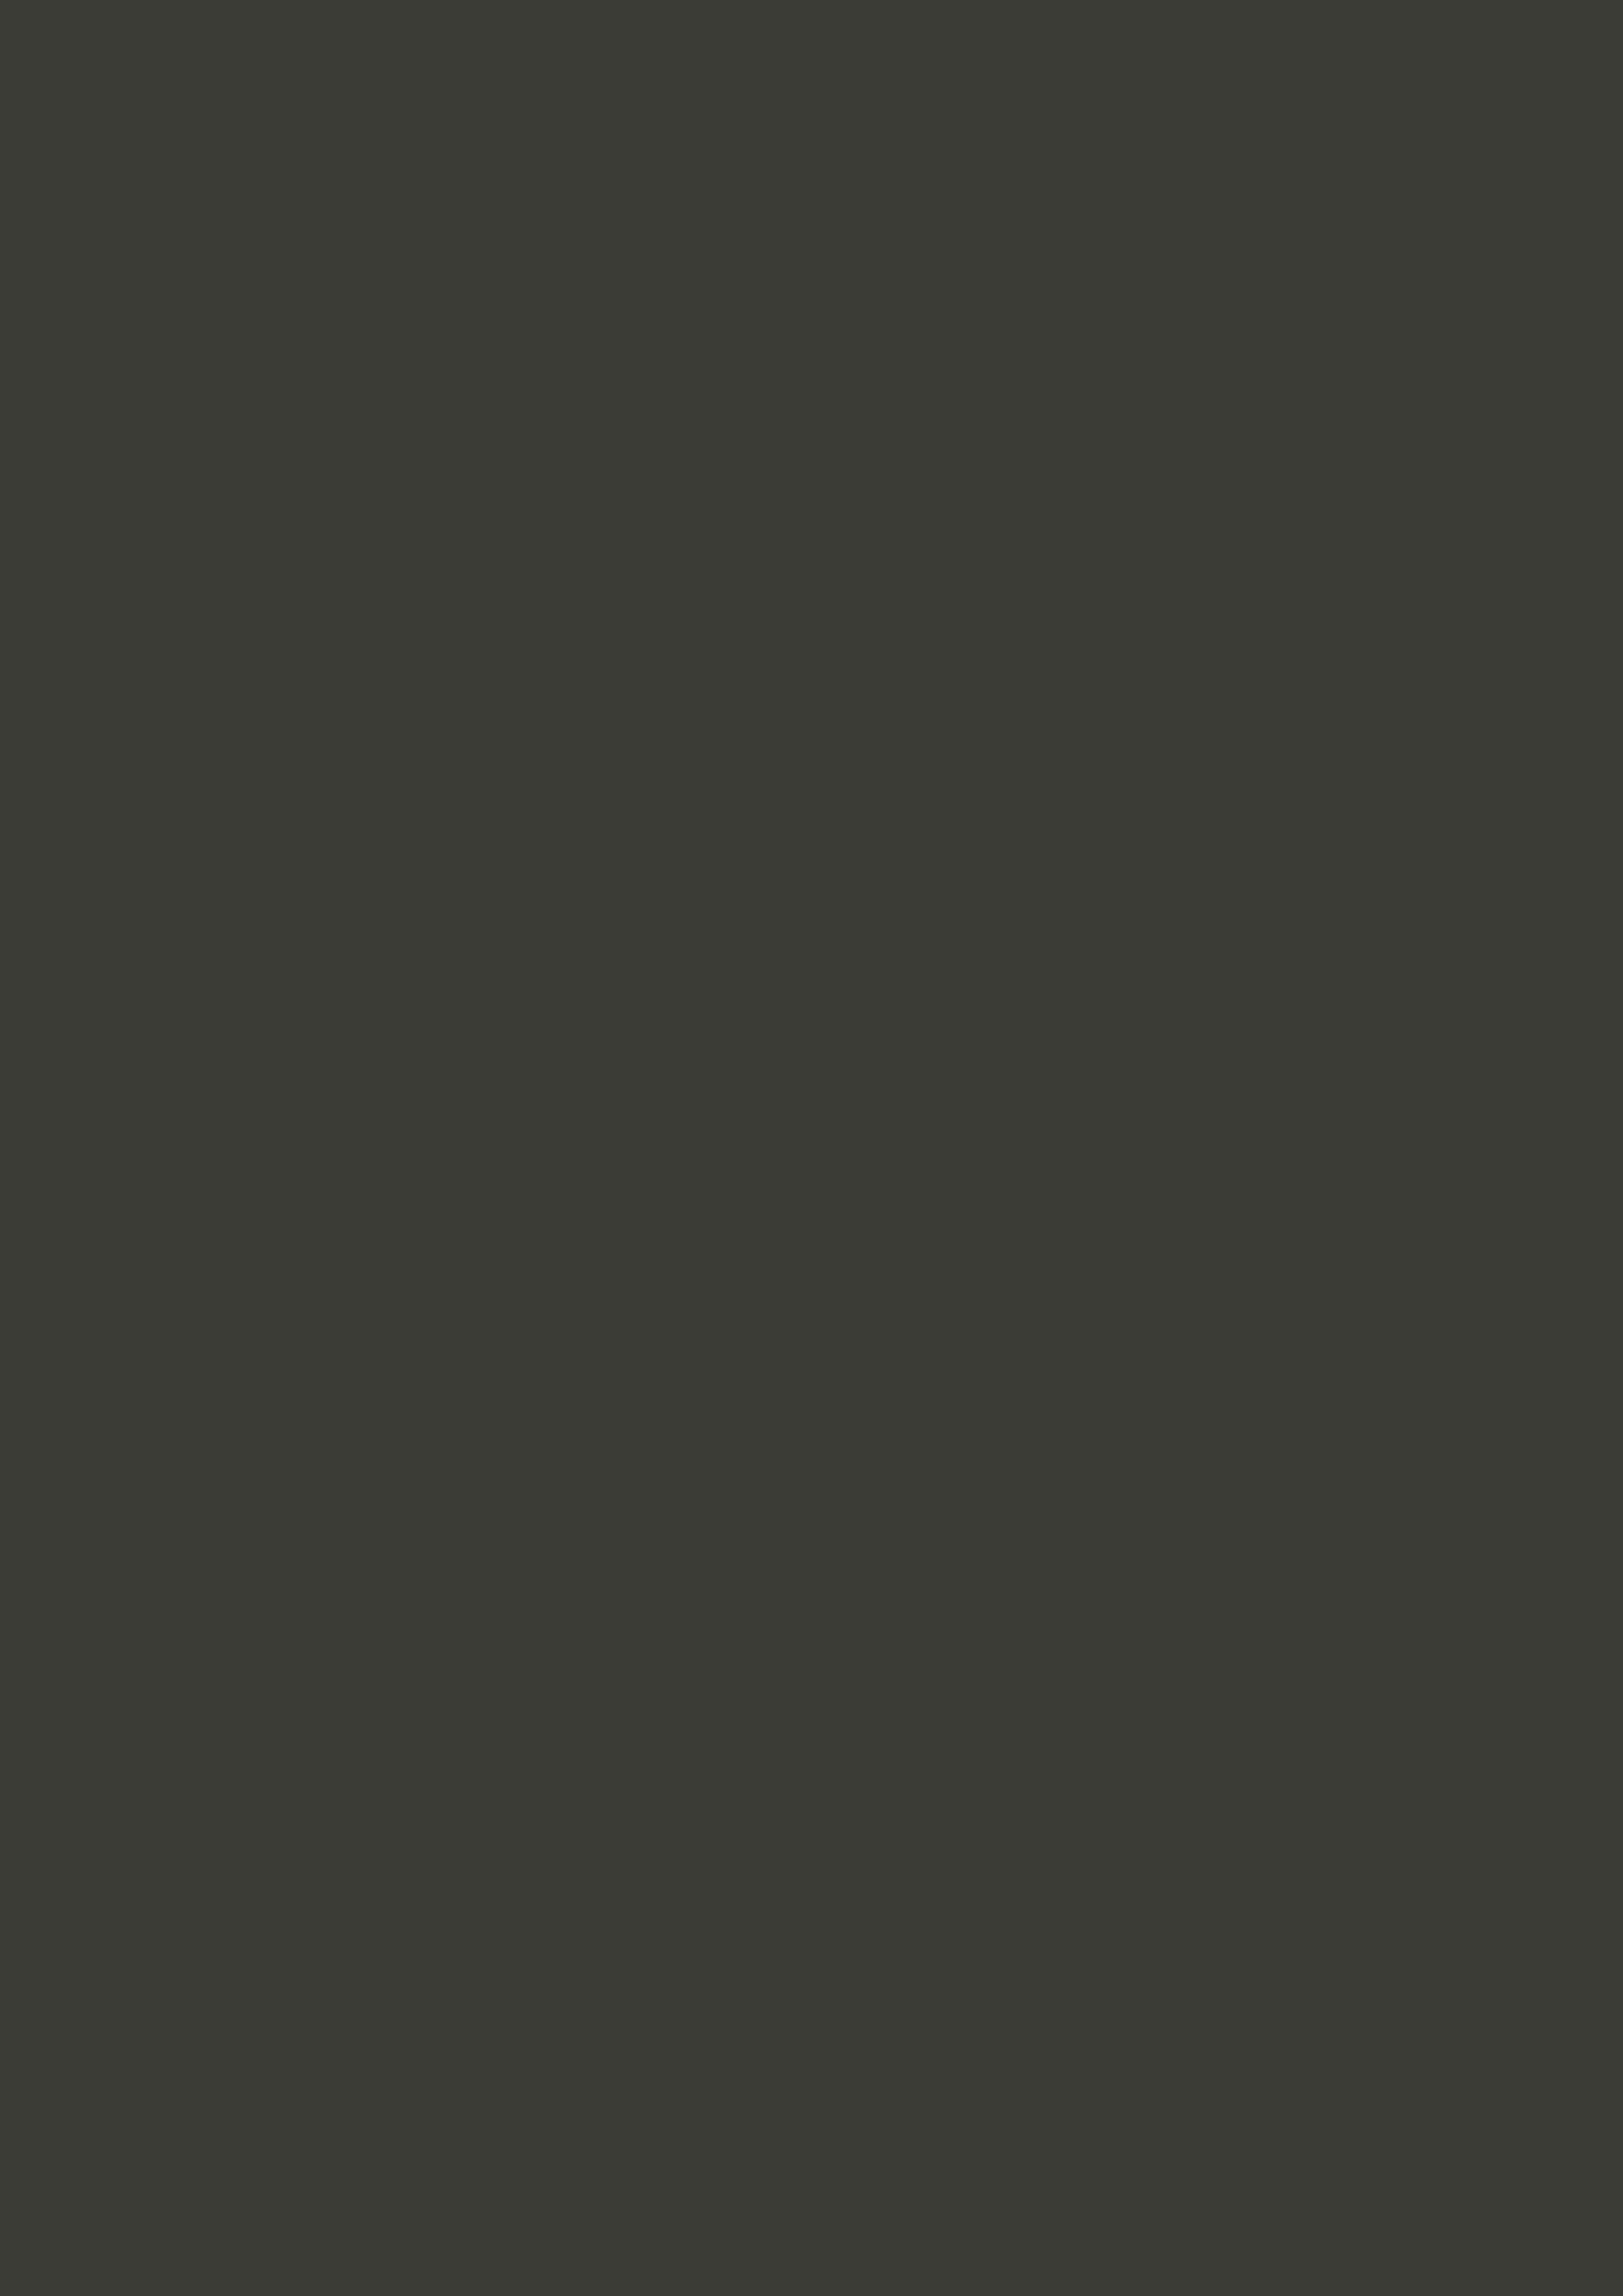 2480x3508 Black Olive Solid Color Background